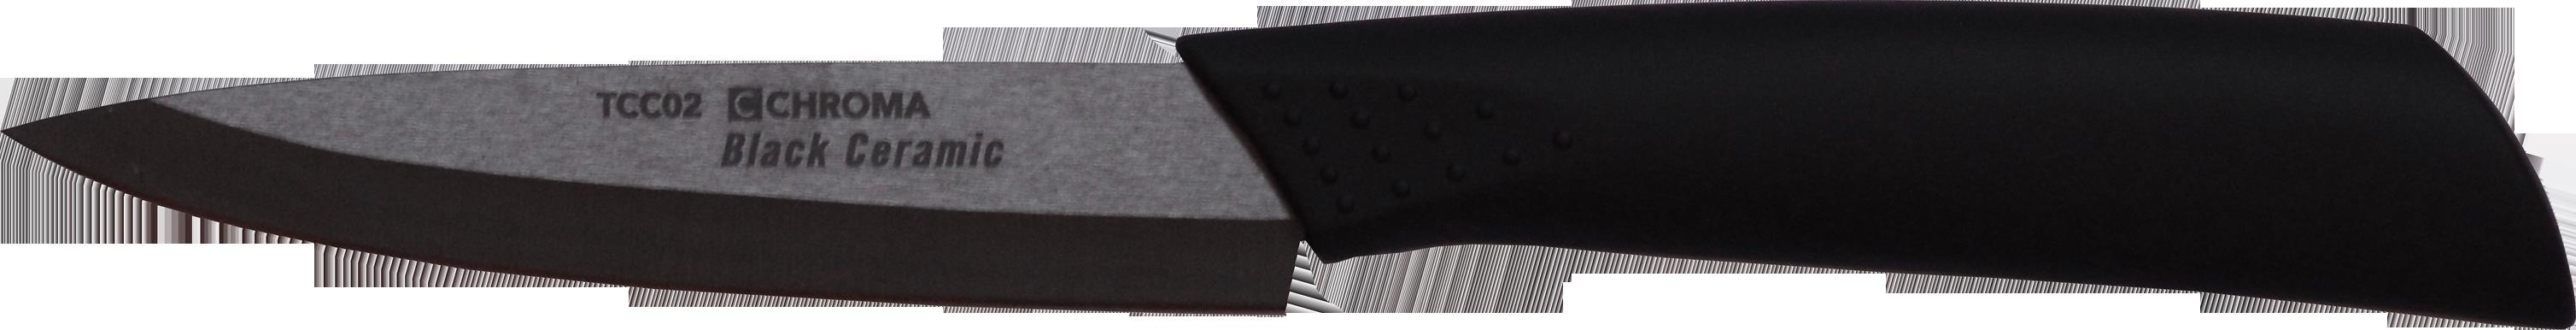 Couteau céramique noire office 12cm